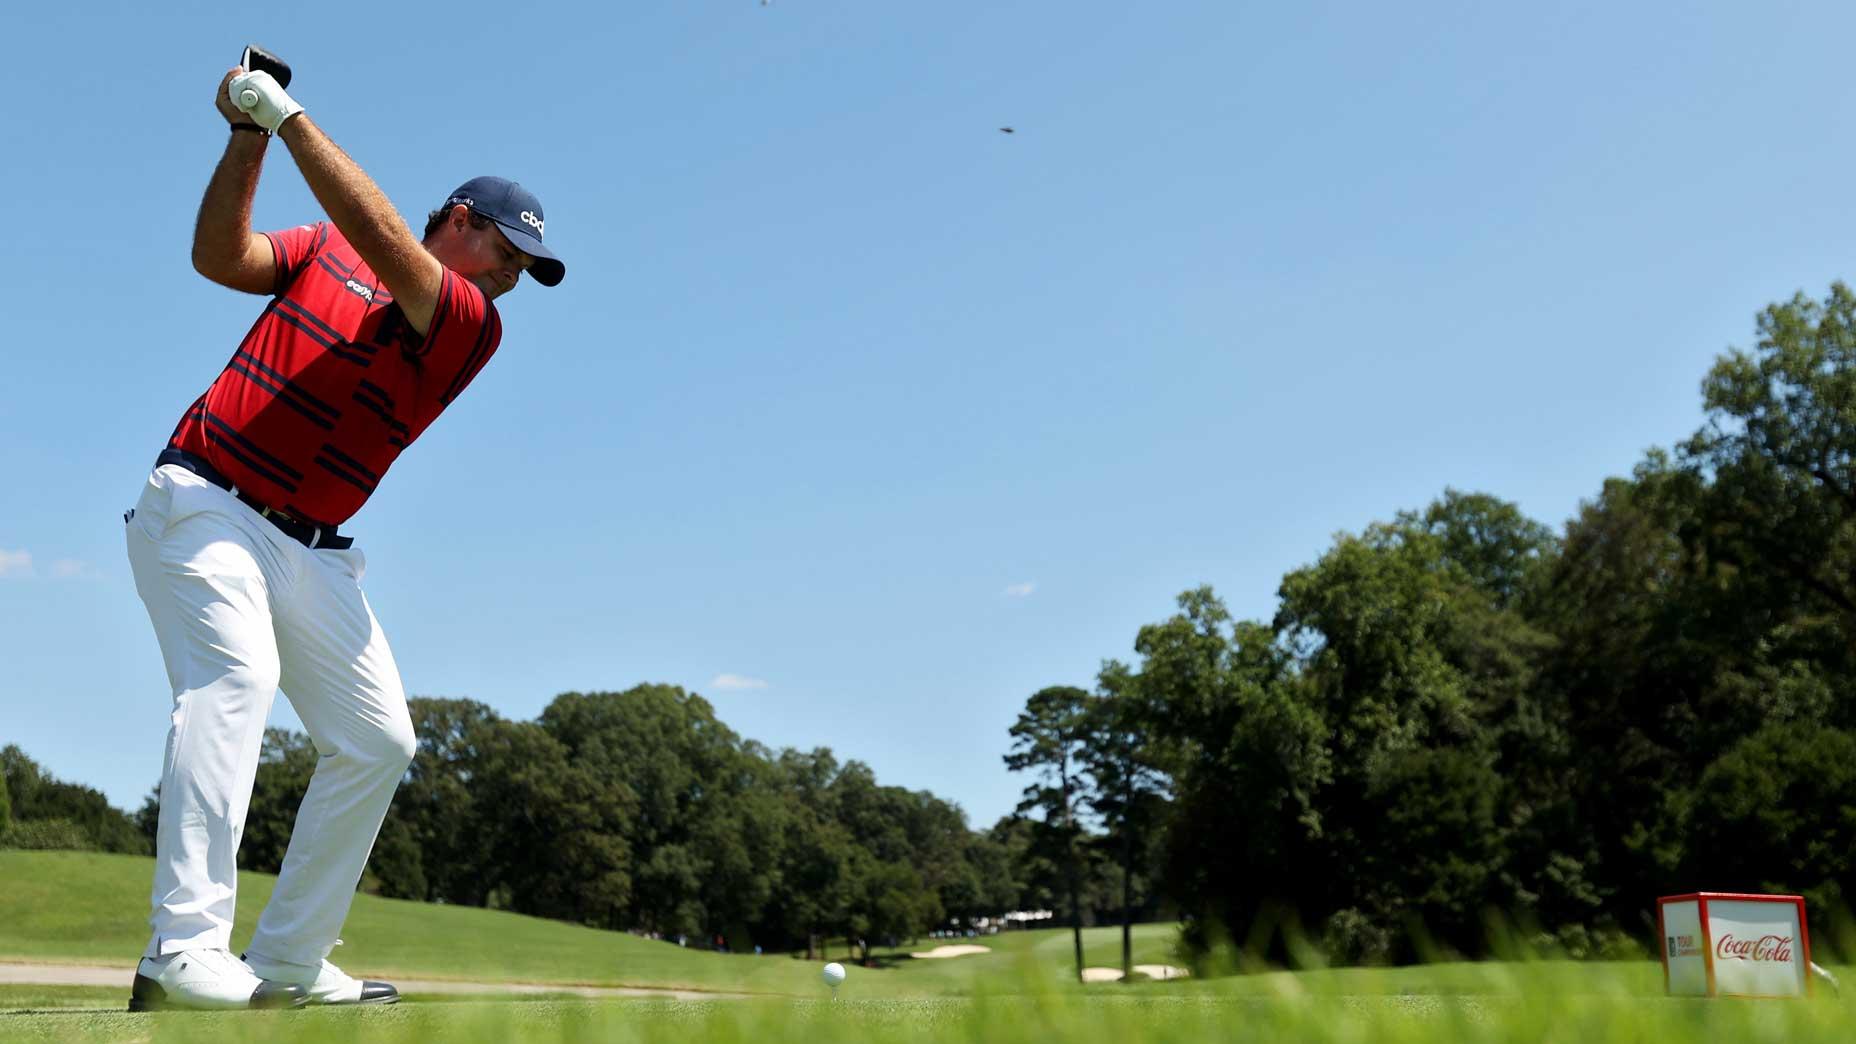 patrick reed swings